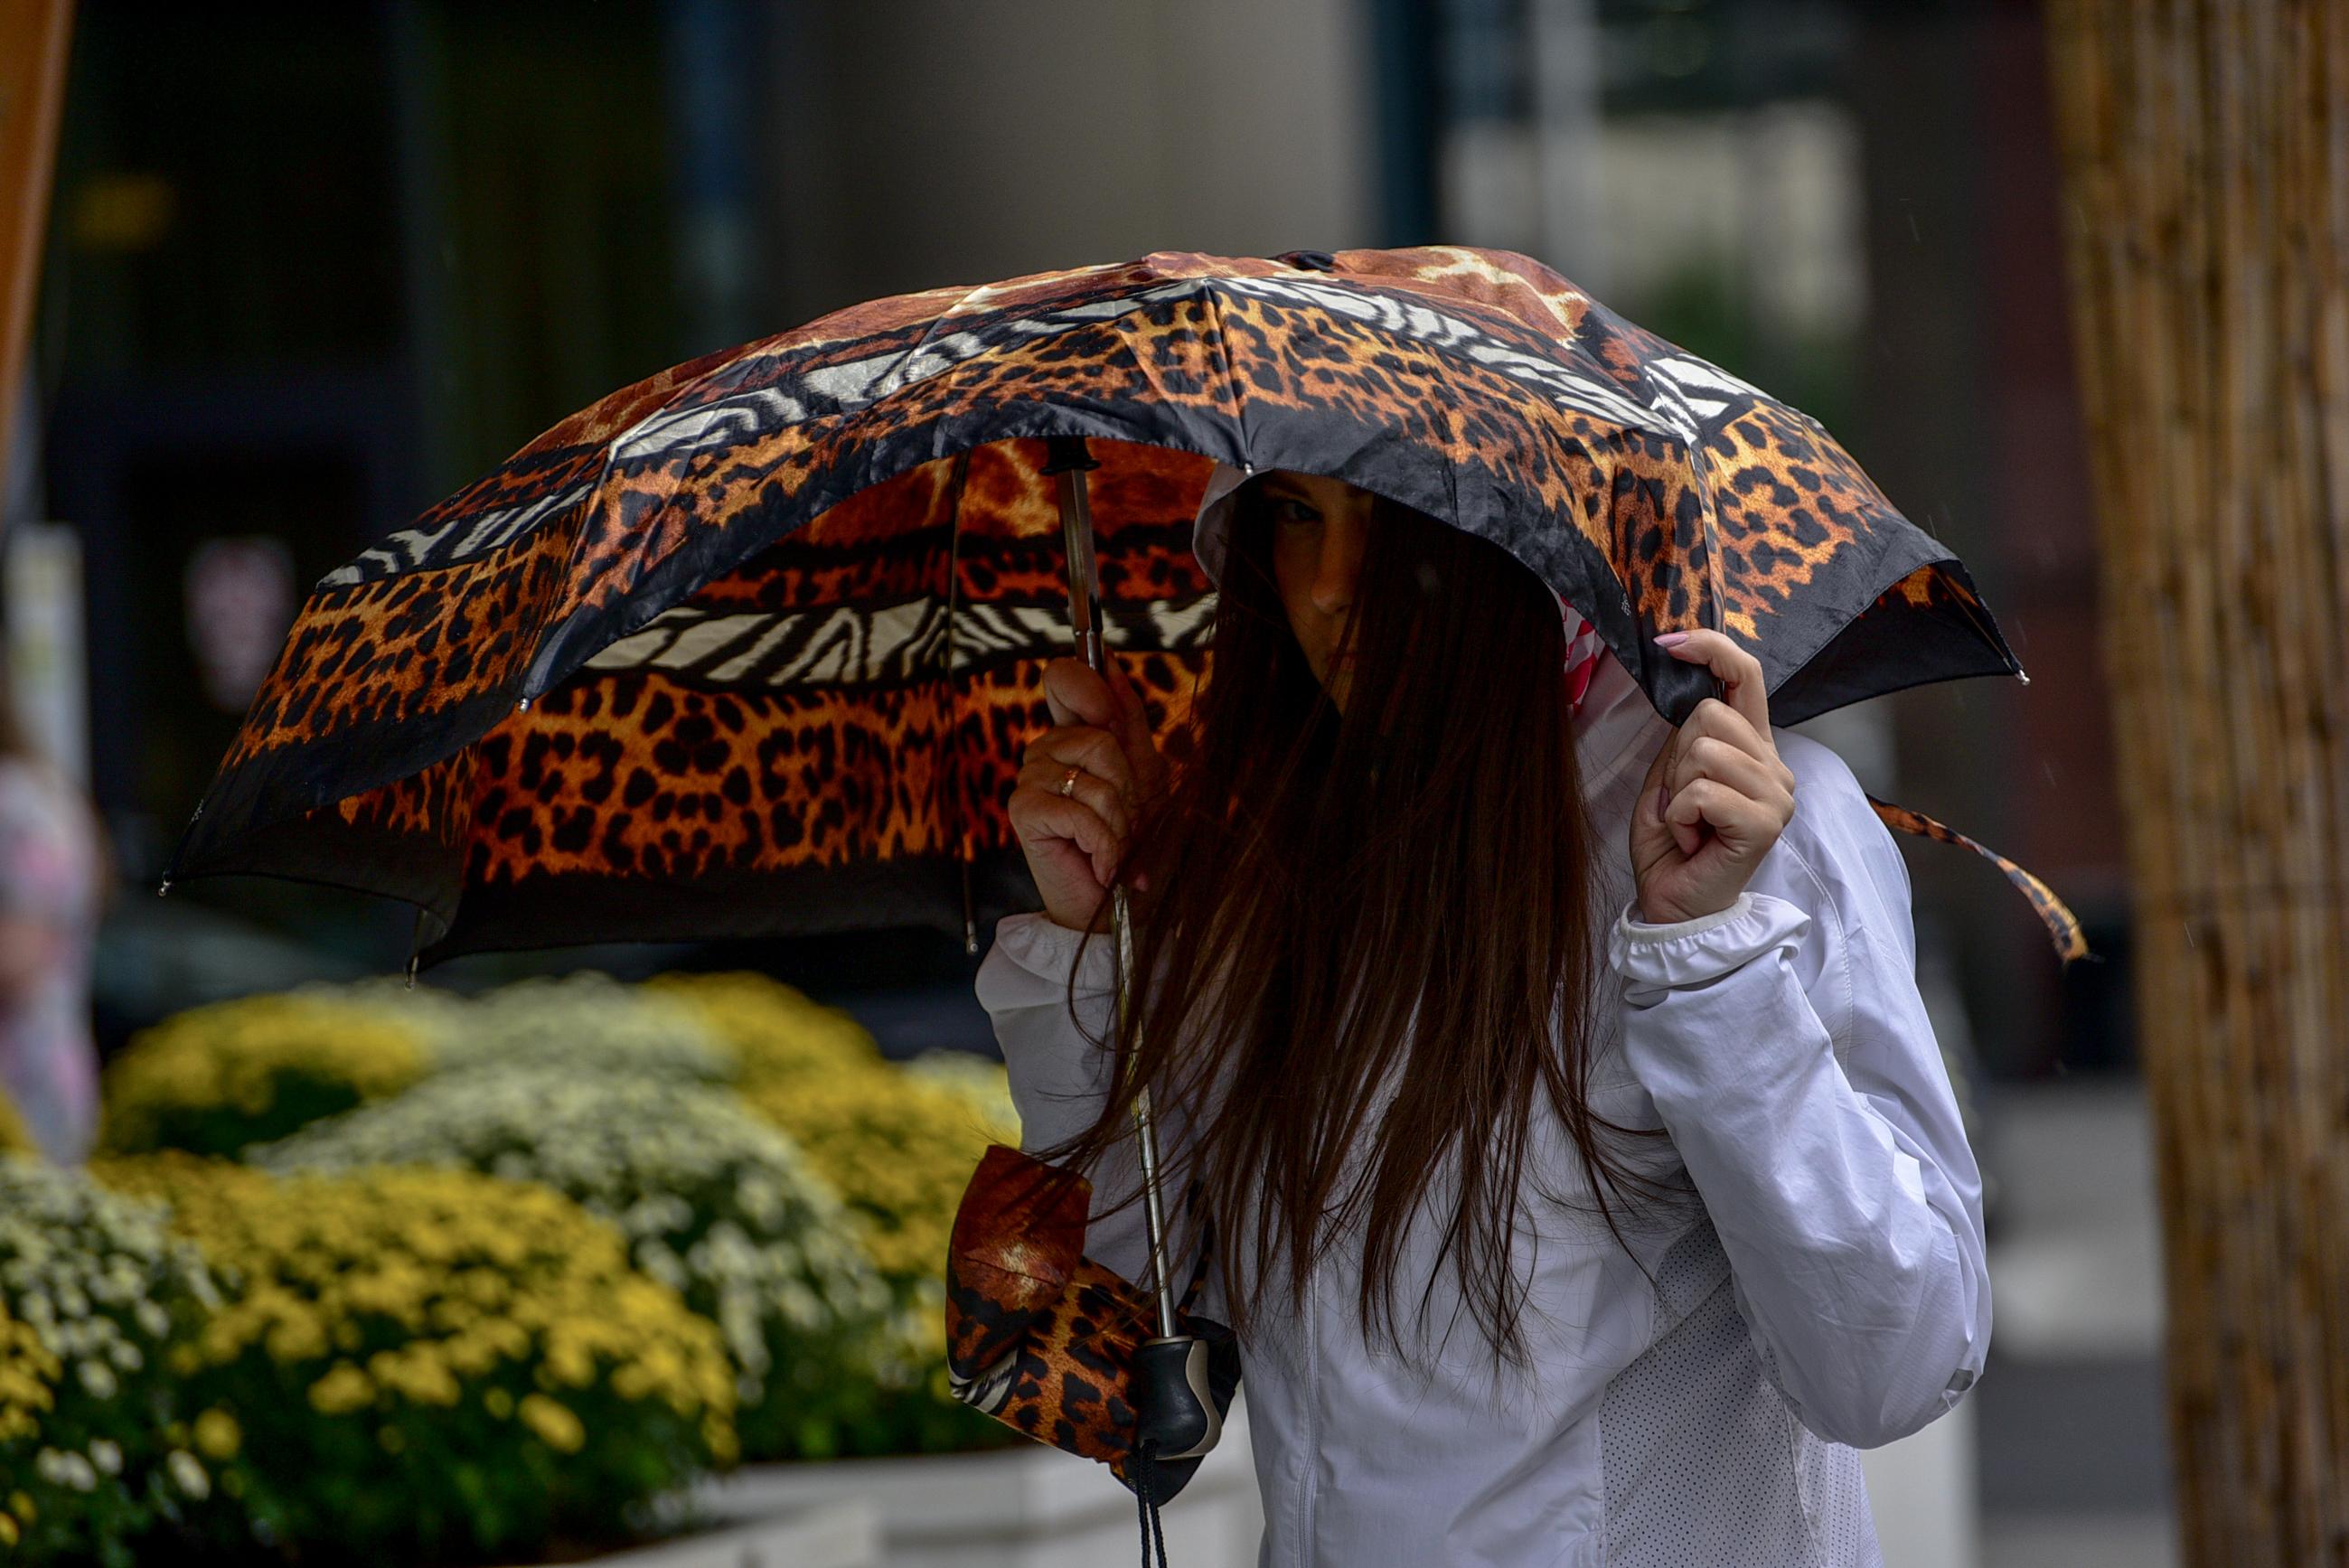 Погода во вторник в Москве будет дождливой